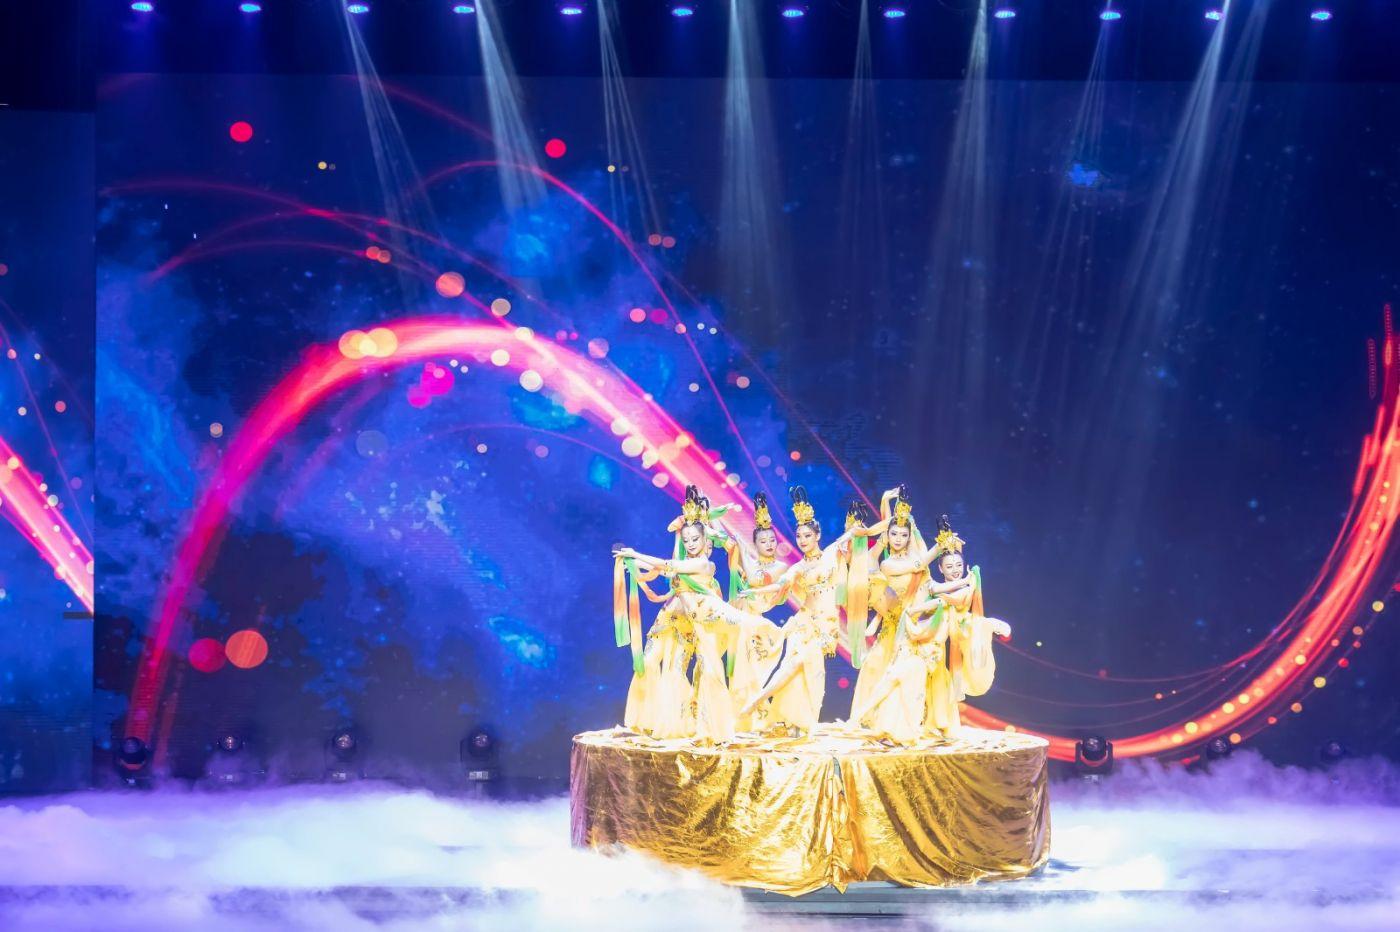 沂蒙大地上 有一种舞蹈叫飞天 这是几位临沂女孩的杰作 美轮美奂 ..._图1-33